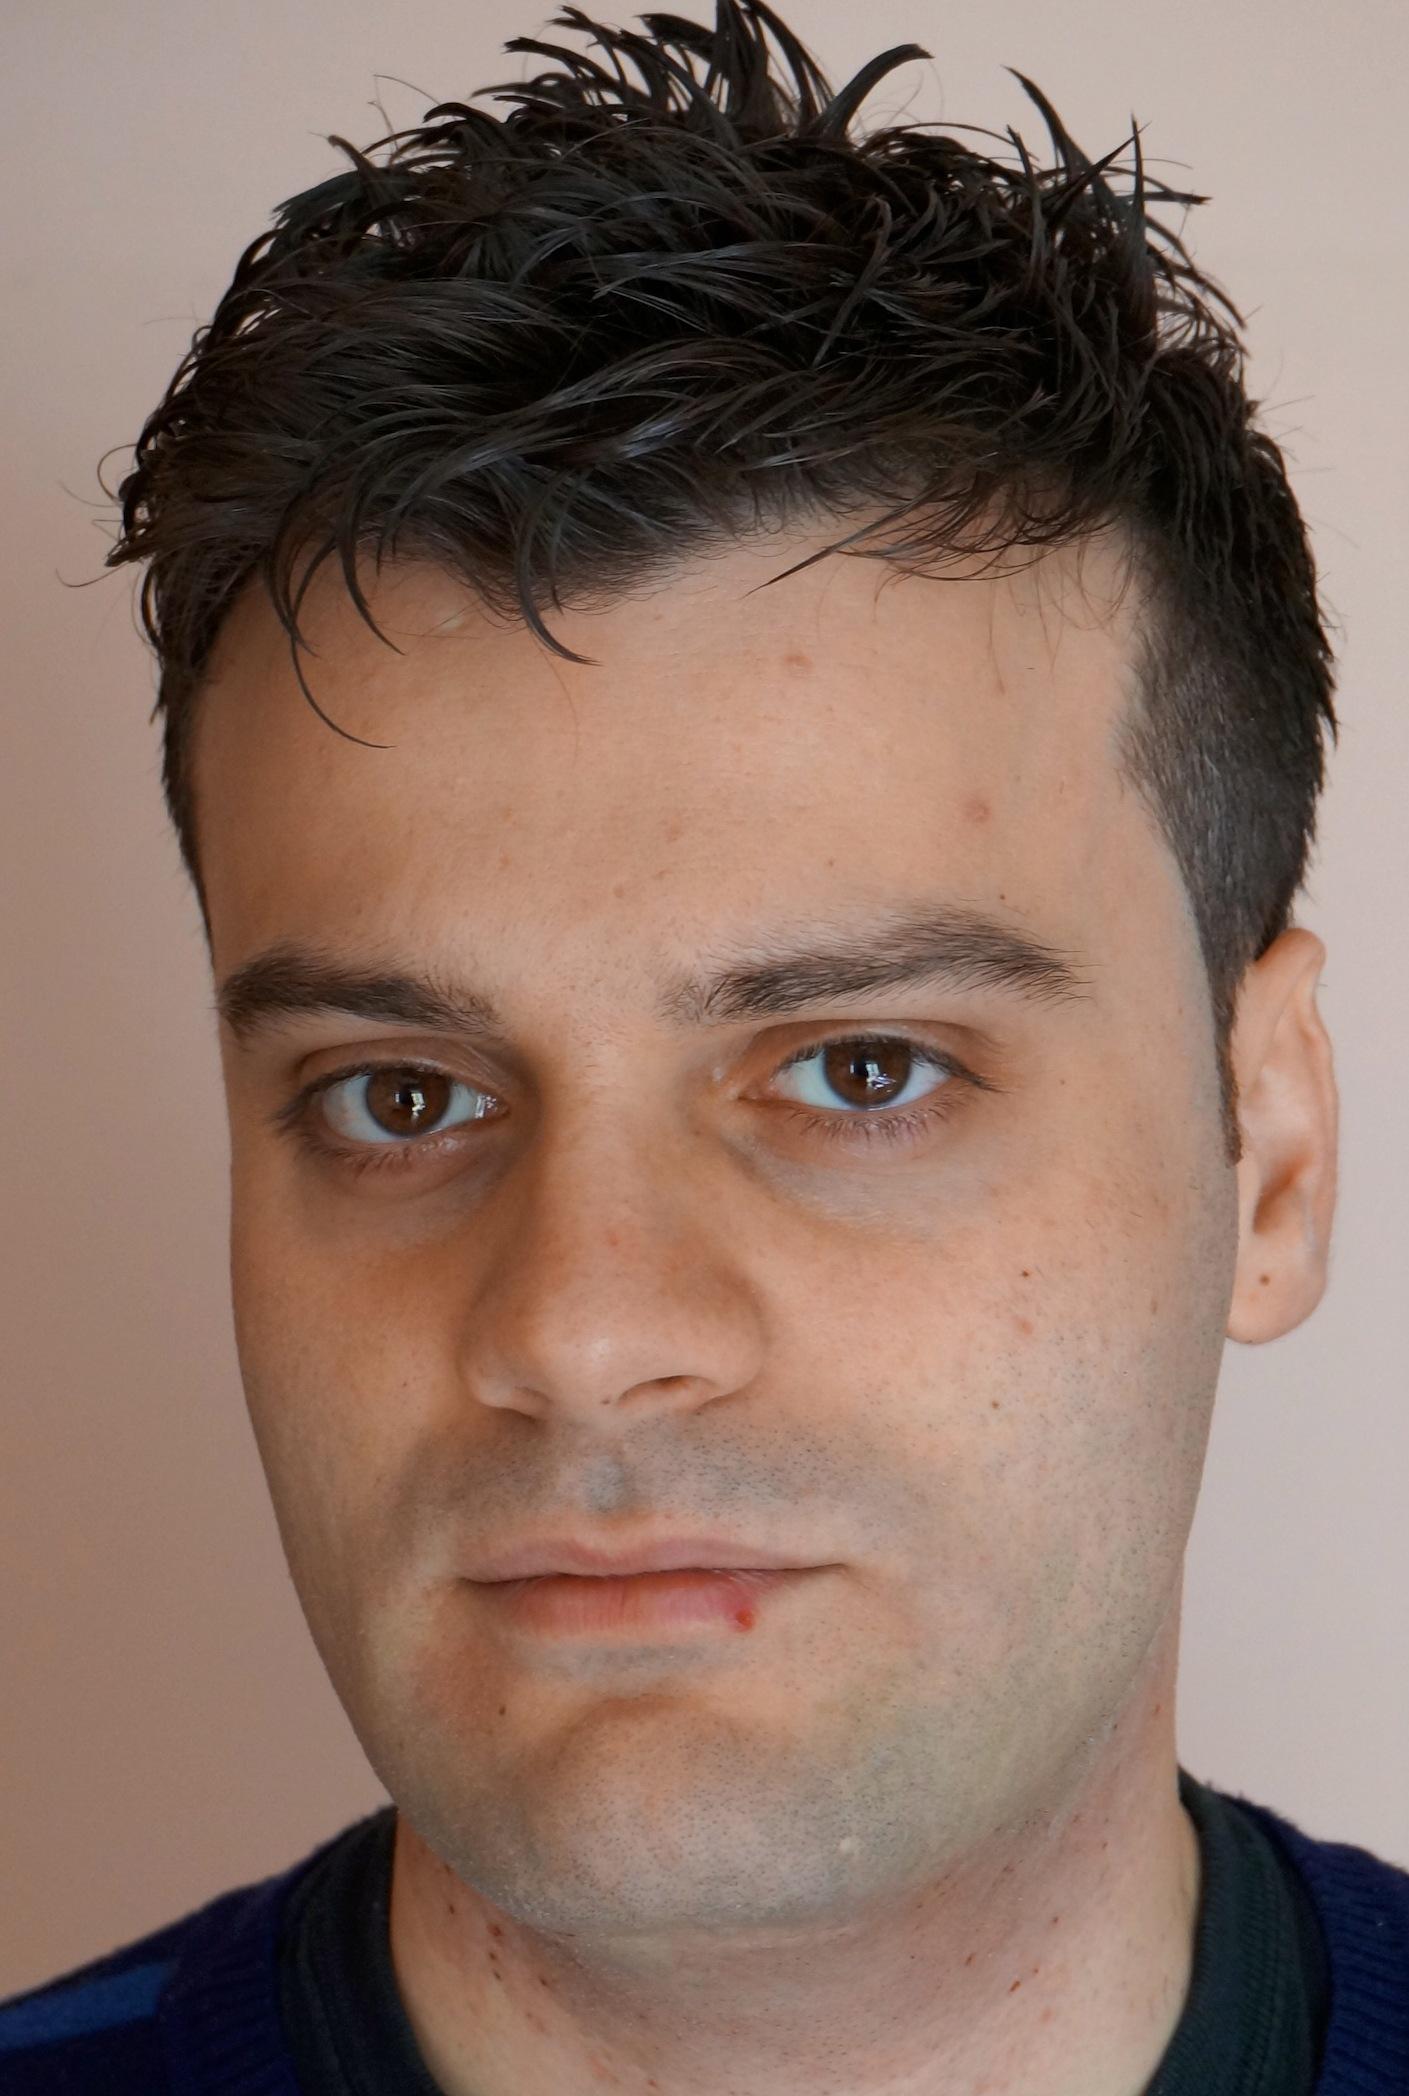 Raffaele Meli